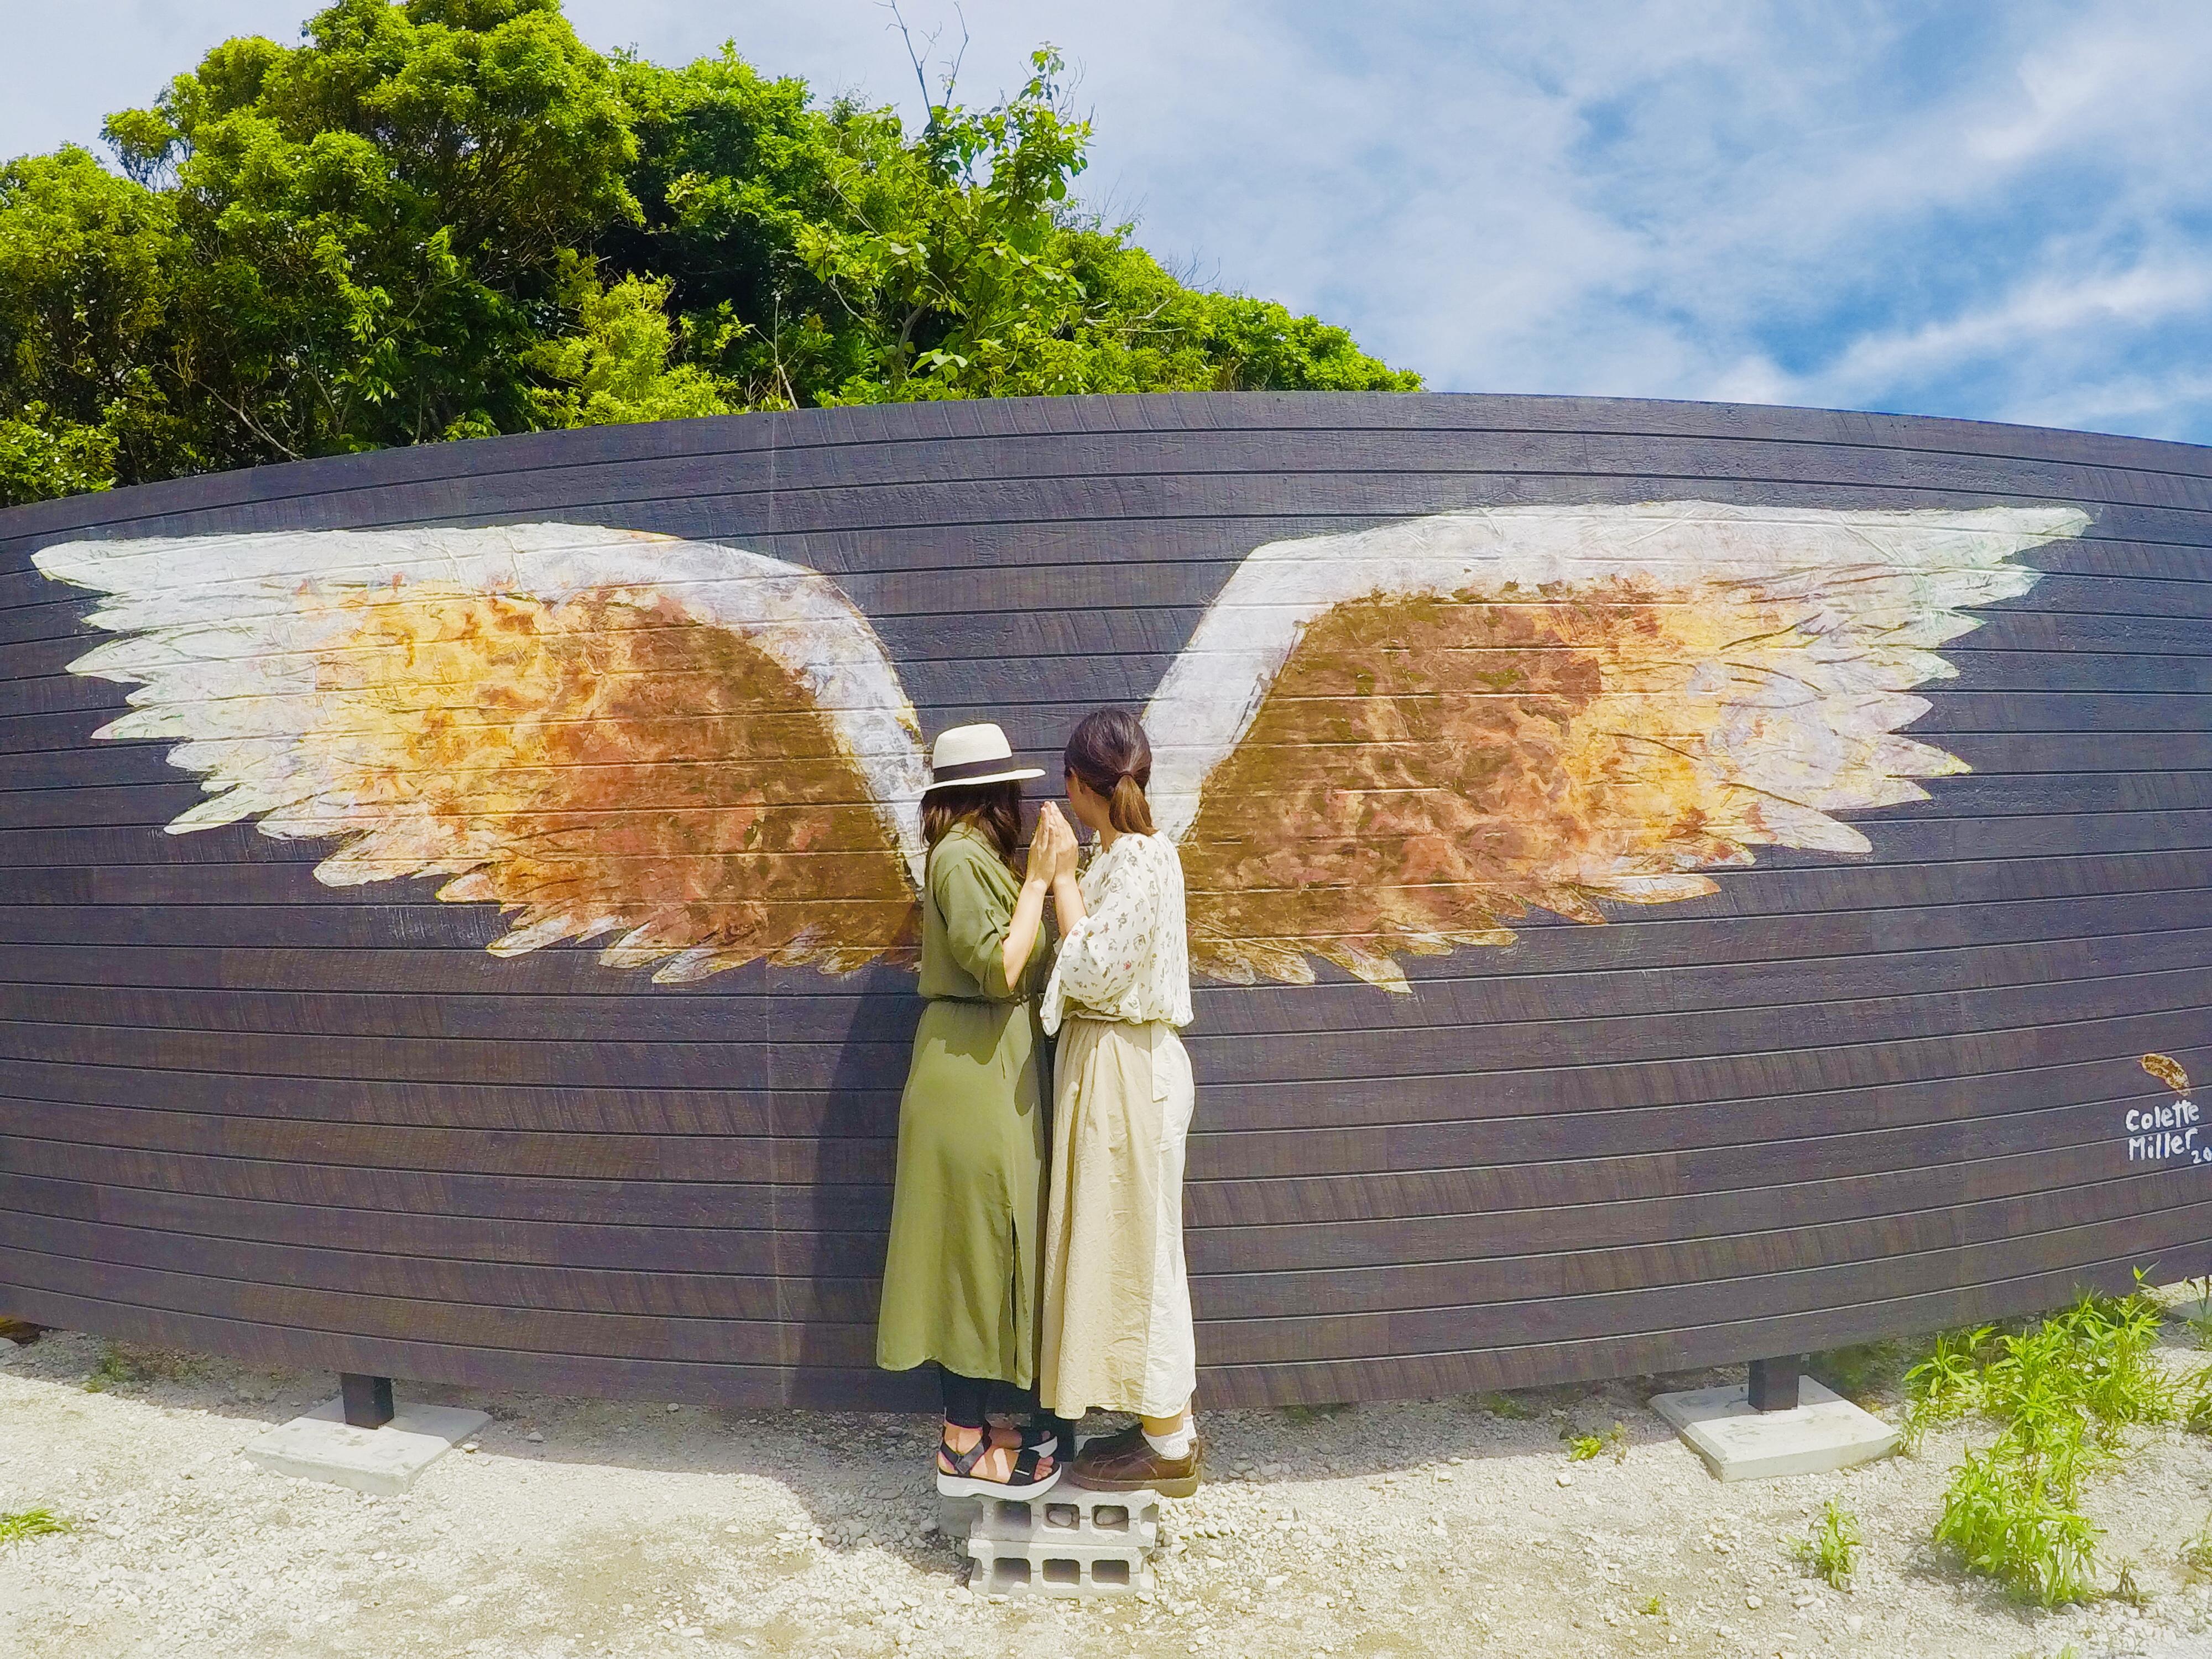 天使の羽根が生える!?〜アートの島「佐久島」でインスタ映えスポットを巡る旅(後編)〜 - cafeuru